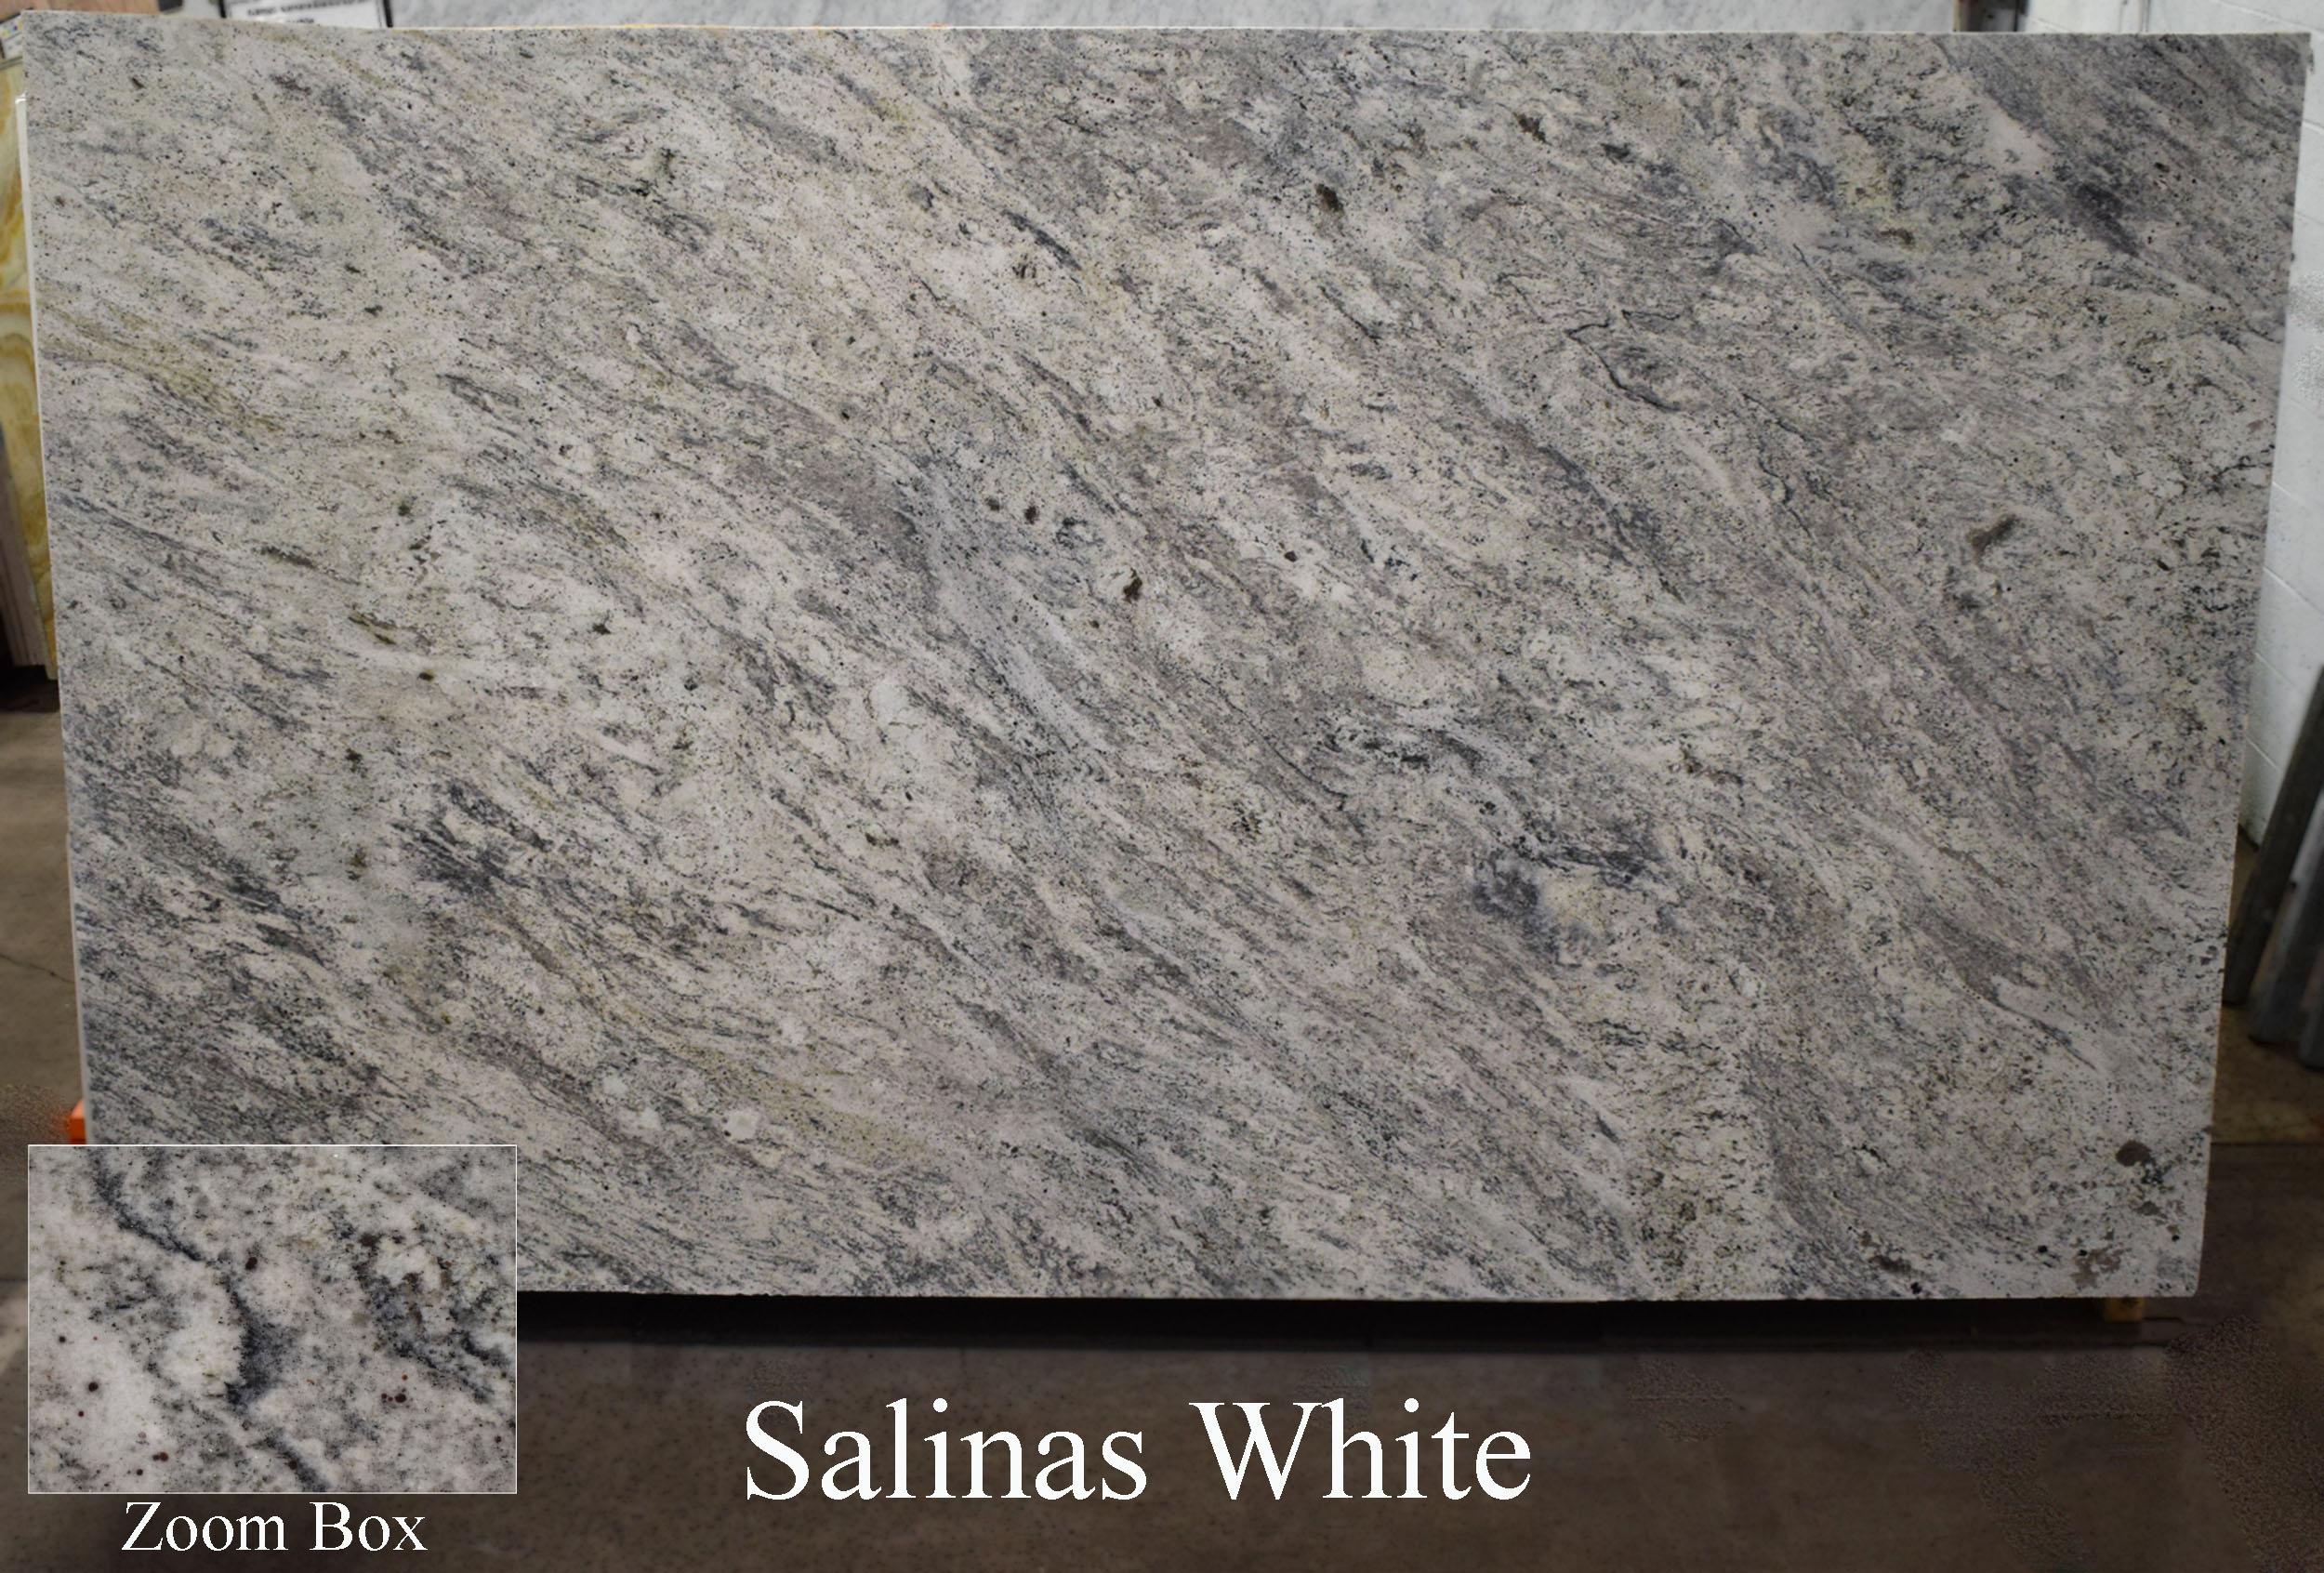 SALINAS WHITE